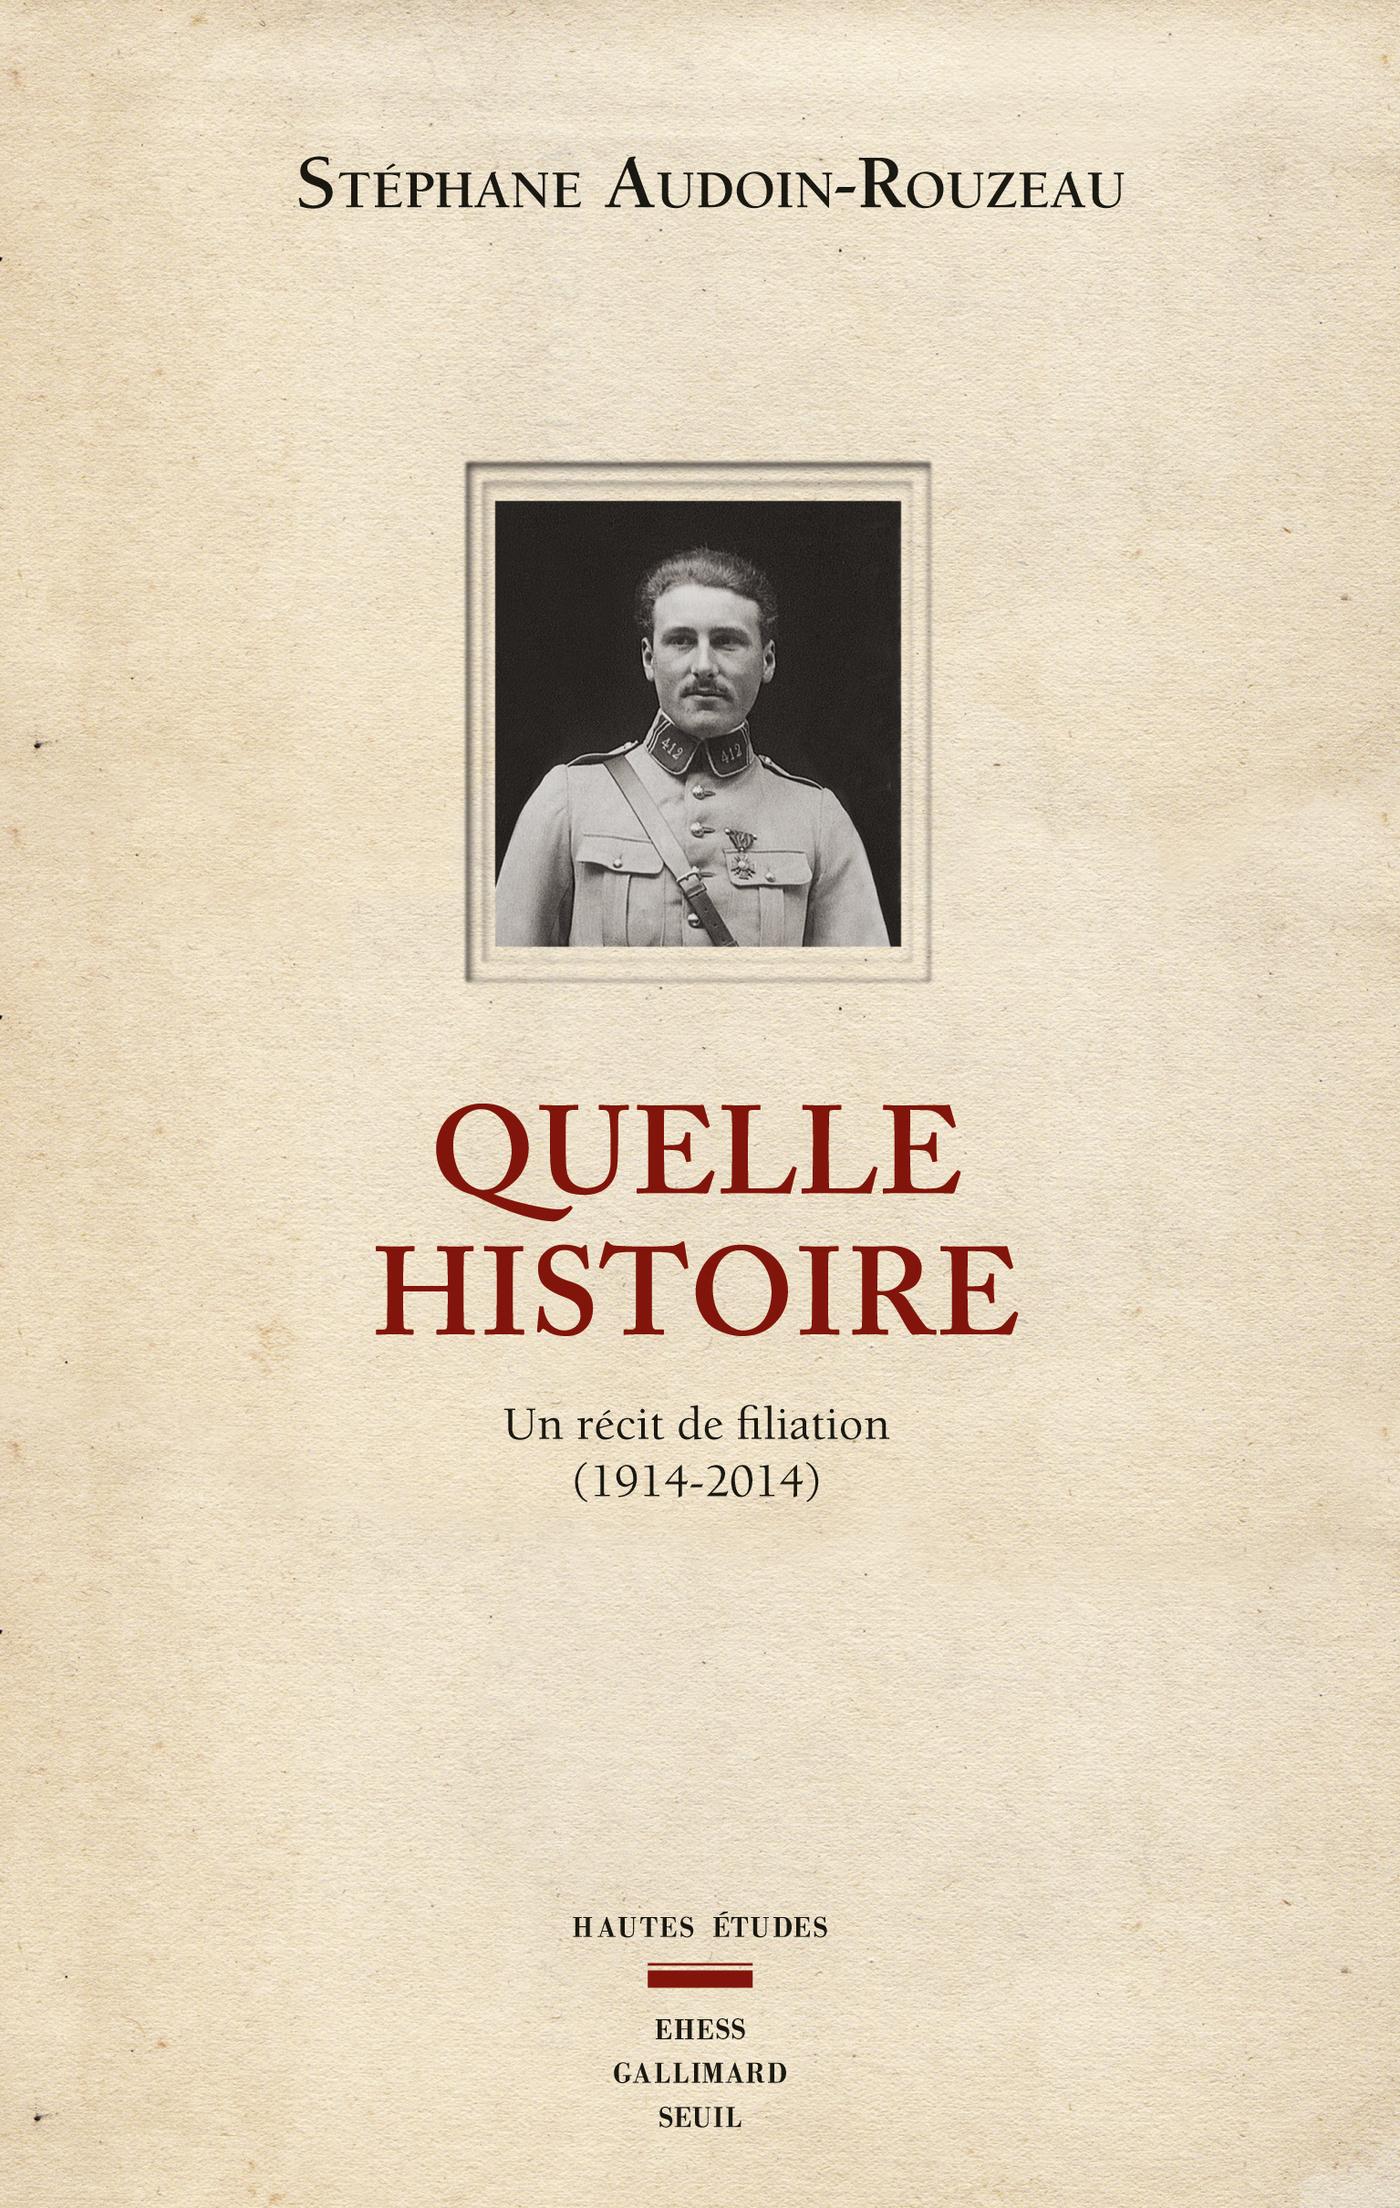 Quelle histoire. Un récit de filiation (1914-2014) | Audoin-Rouzeau, Stéphane